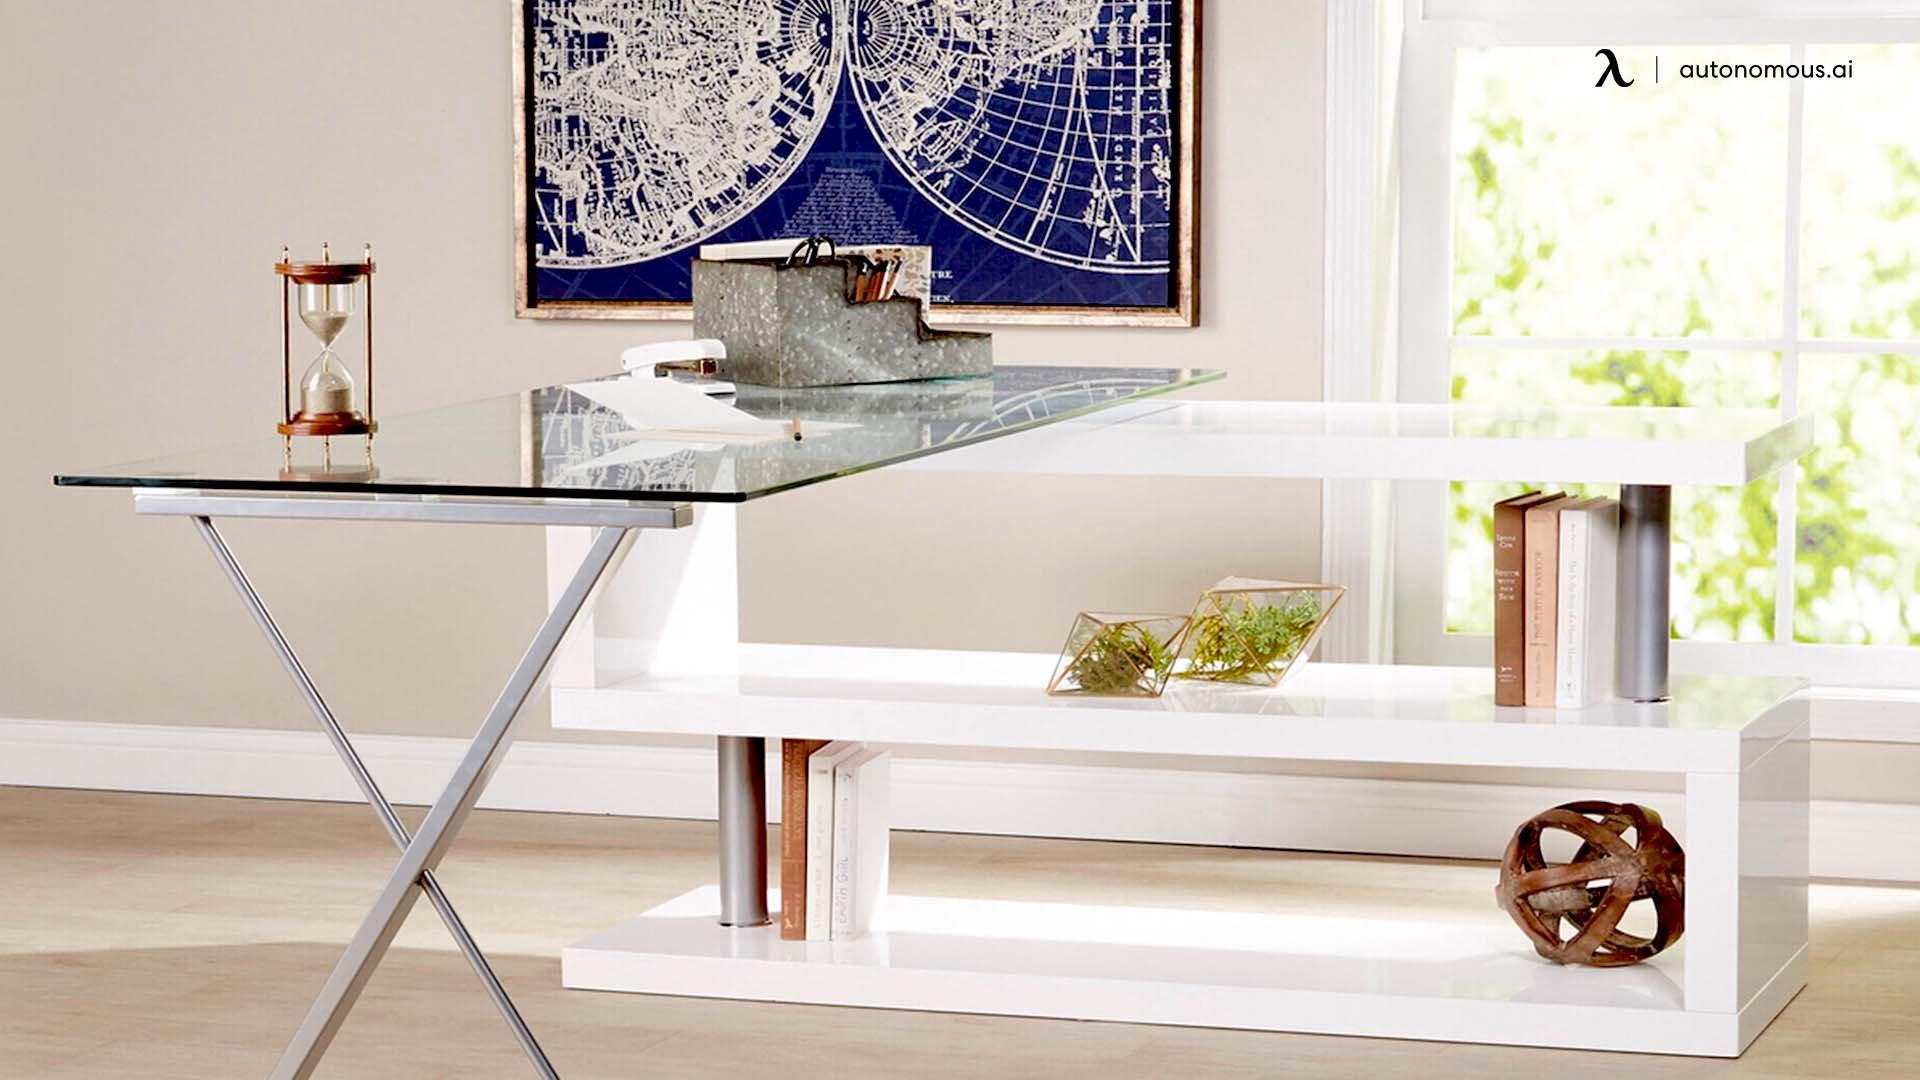 The Glass and Transparent White Desk Setup